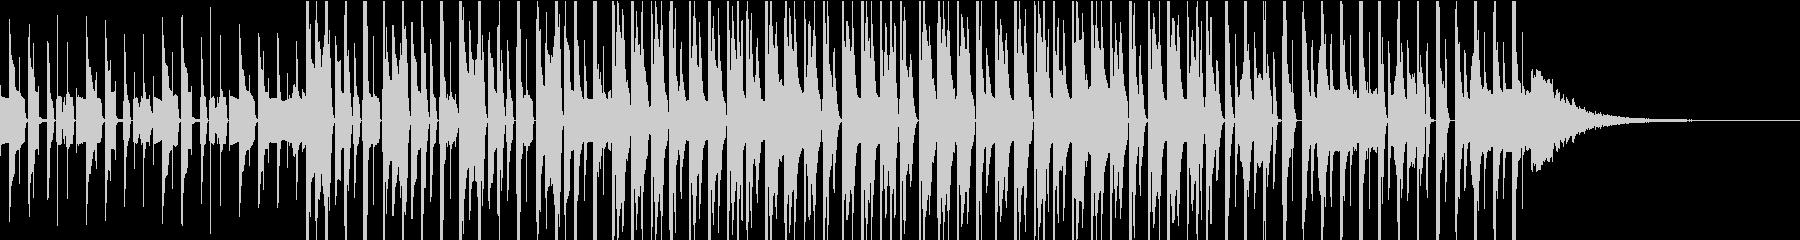 ピコピコ愉快でクールなエレクトロの未再生の波形